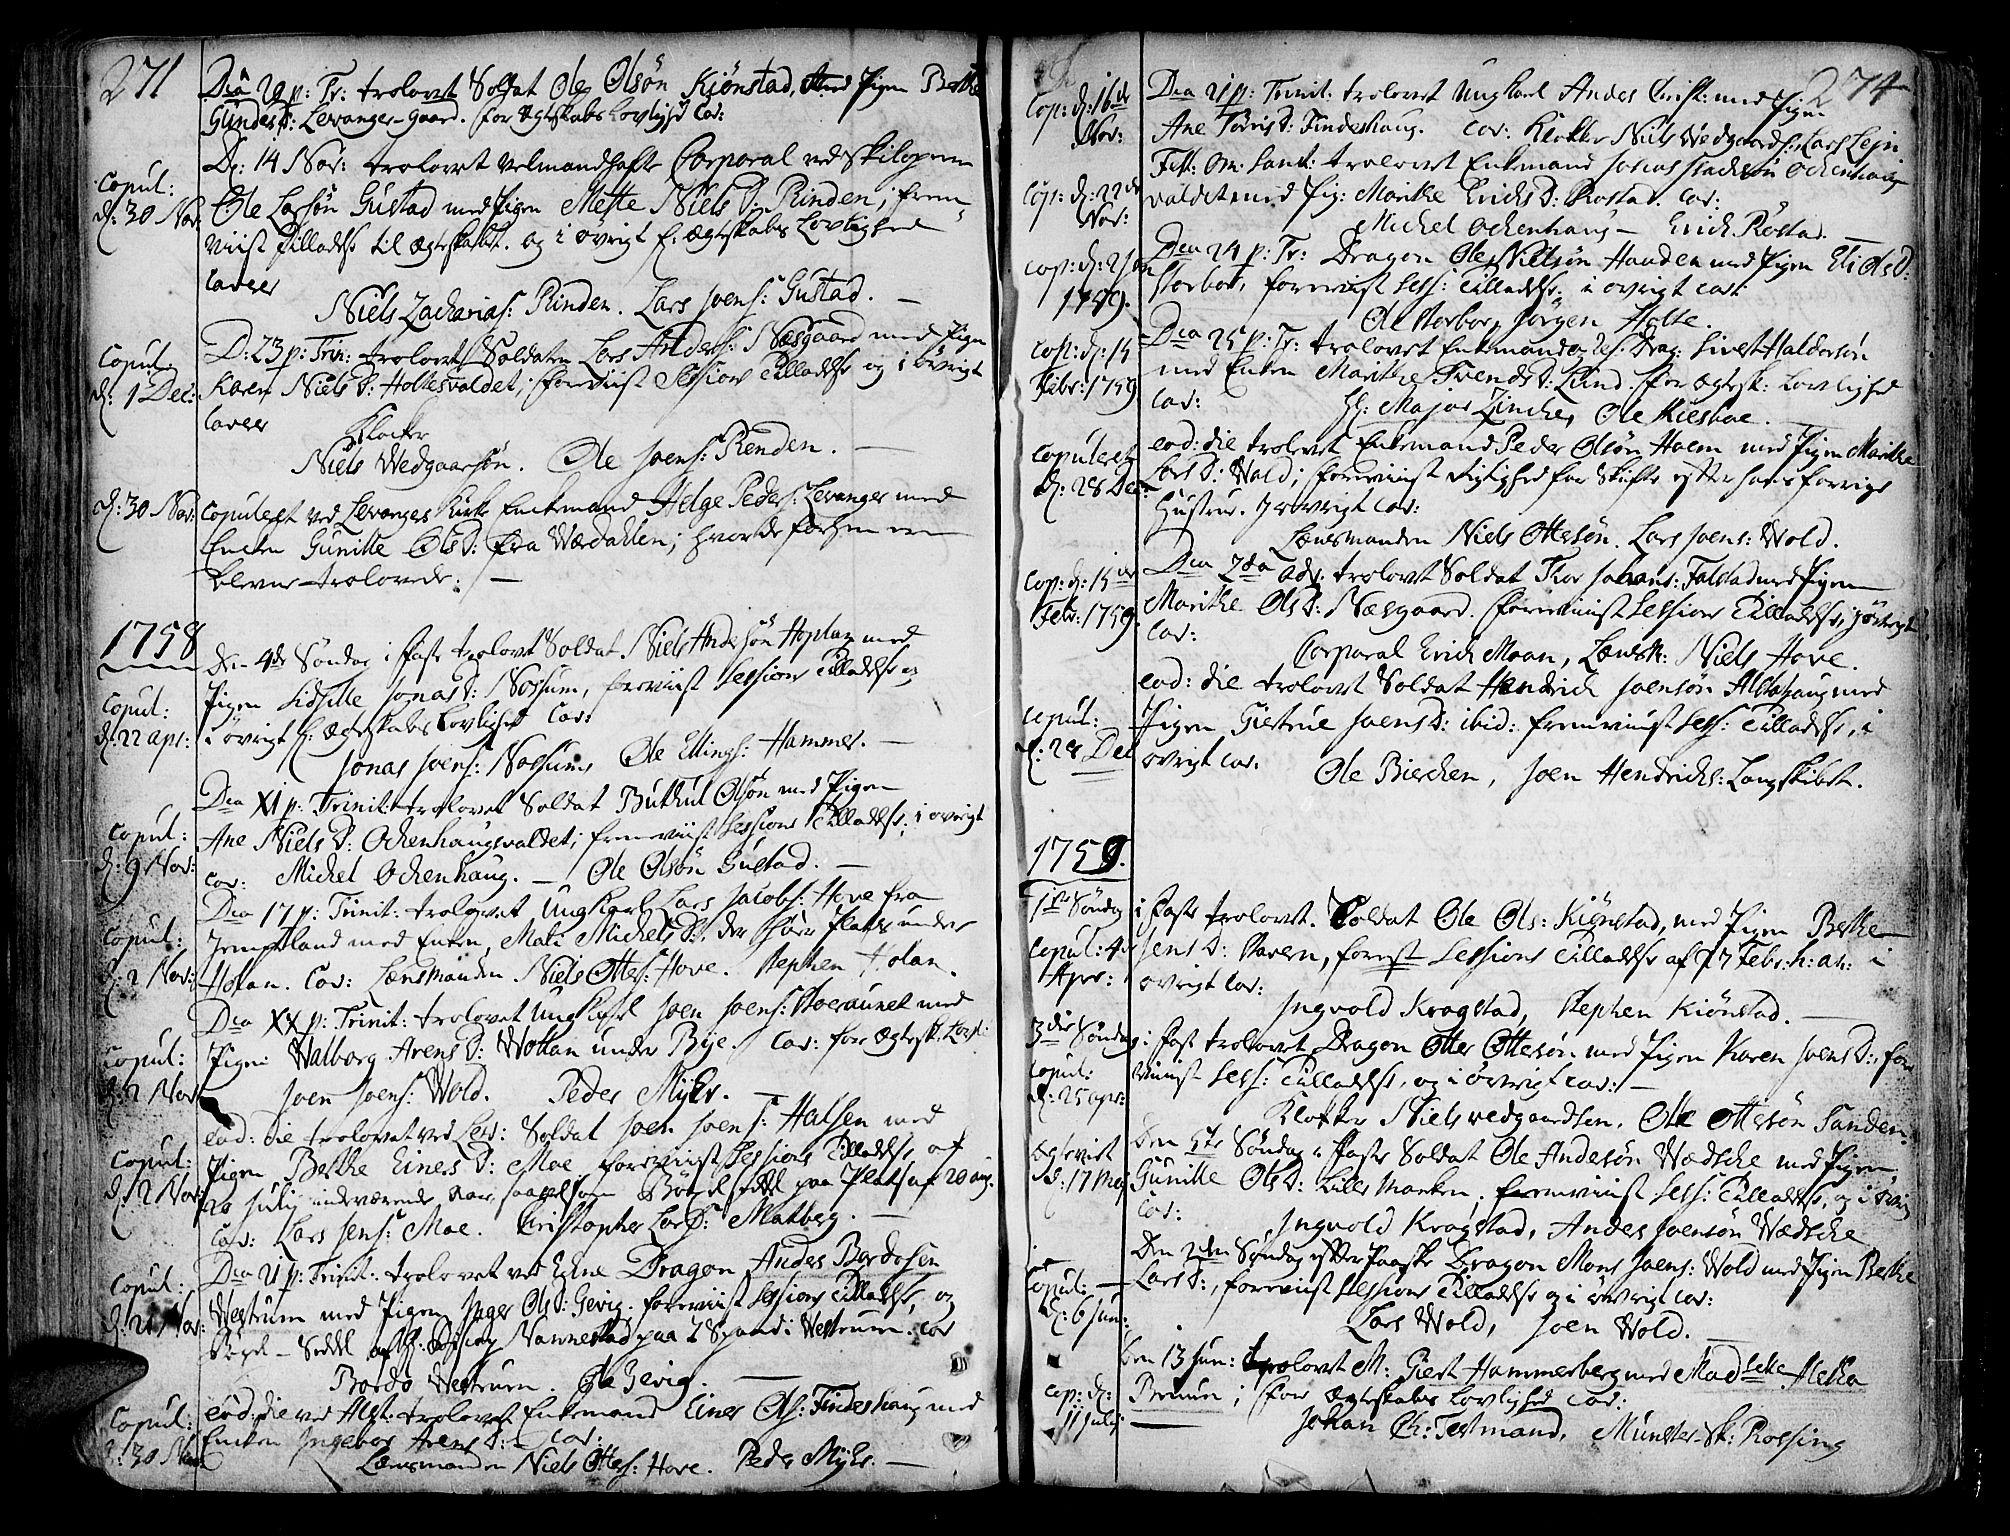 SAT, Ministerialprotokoller, klokkerbøker og fødselsregistre - Nord-Trøndelag, 717/L0141: Ministerialbok nr. 717A01, 1747-1803, s. 273-274